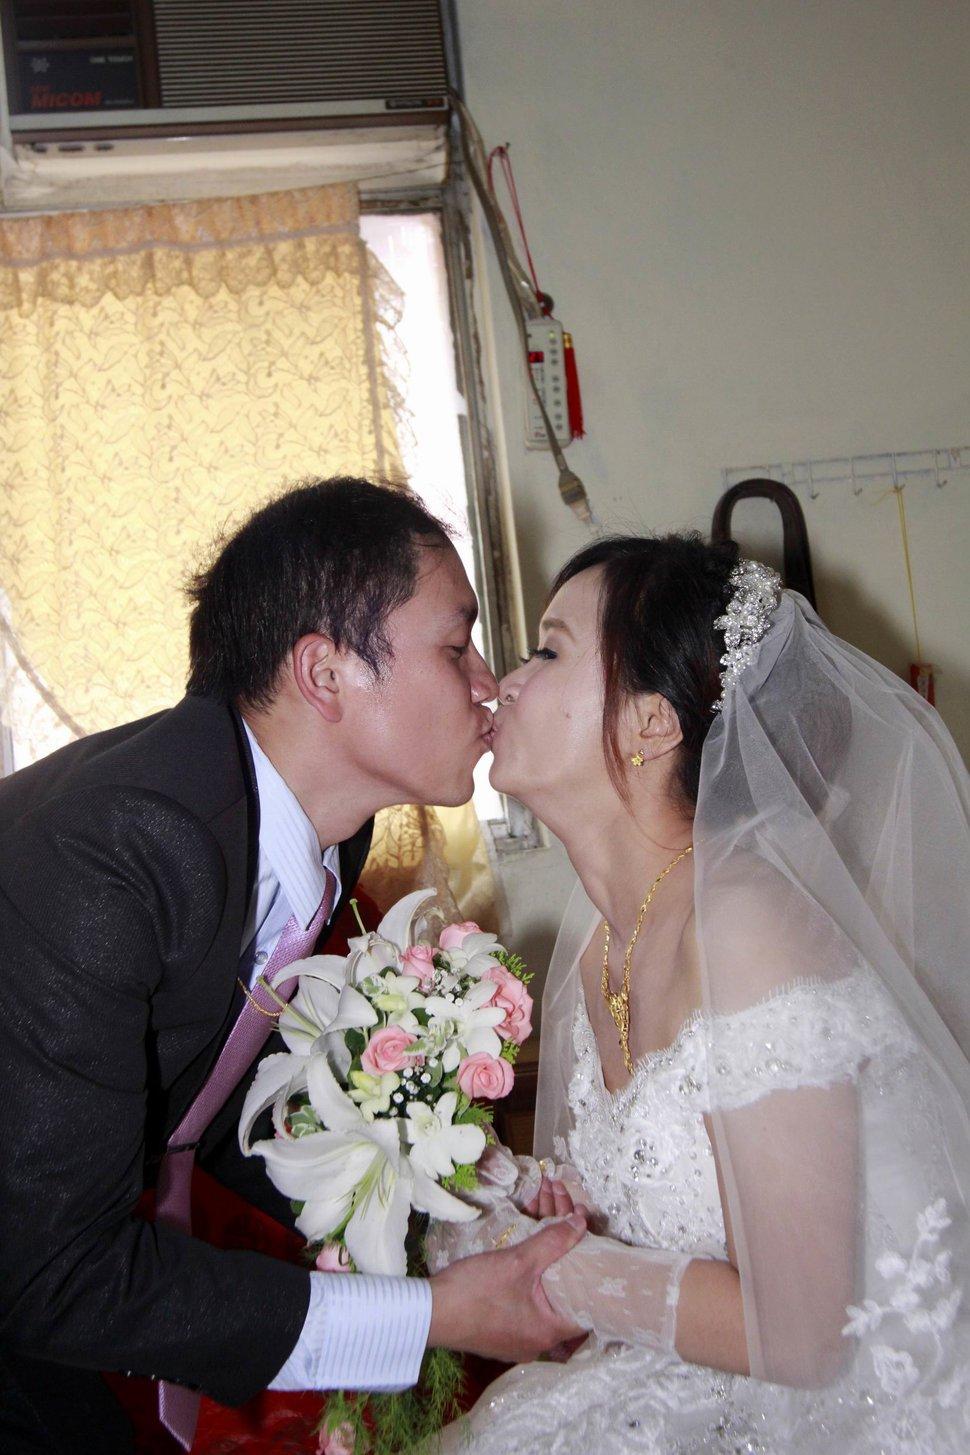 永和易牙居婚宴廣場宴會廳婚婚禮記錄結婚迎娶婚禮記錄動態微電影錄影專業錄影平面攝影婚攝婚禮(編號:213001) - 蜜月拍照10800錄影12800攝影團隊 - 結婚吧